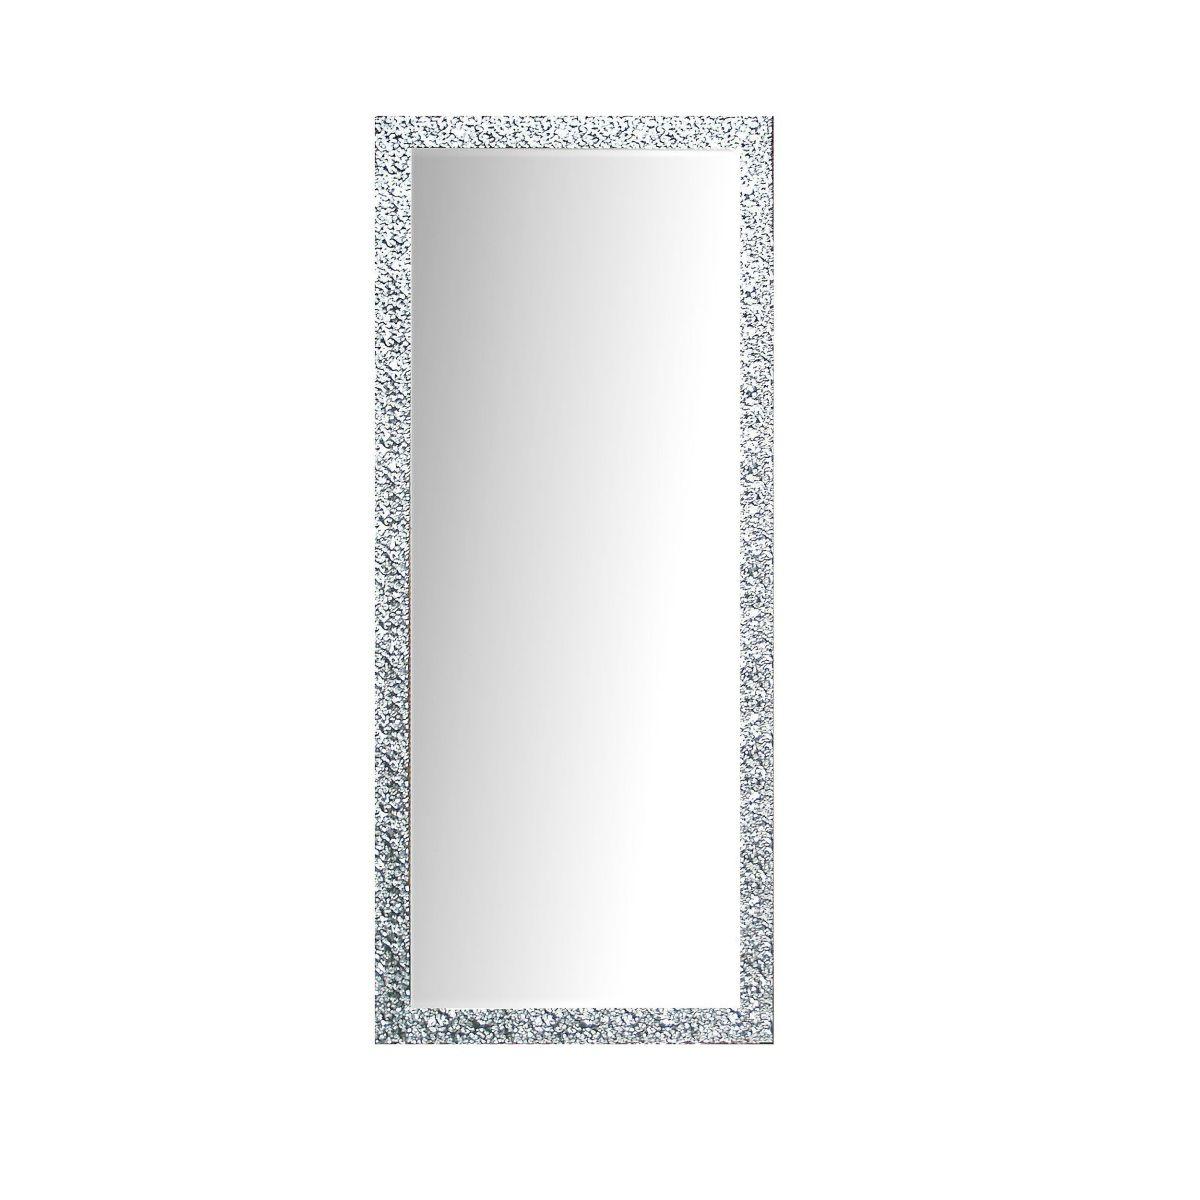 Wohnzimmer spiegelmöbel rahmenspiegel perth in silber spiegel flur garderobe  spiegel